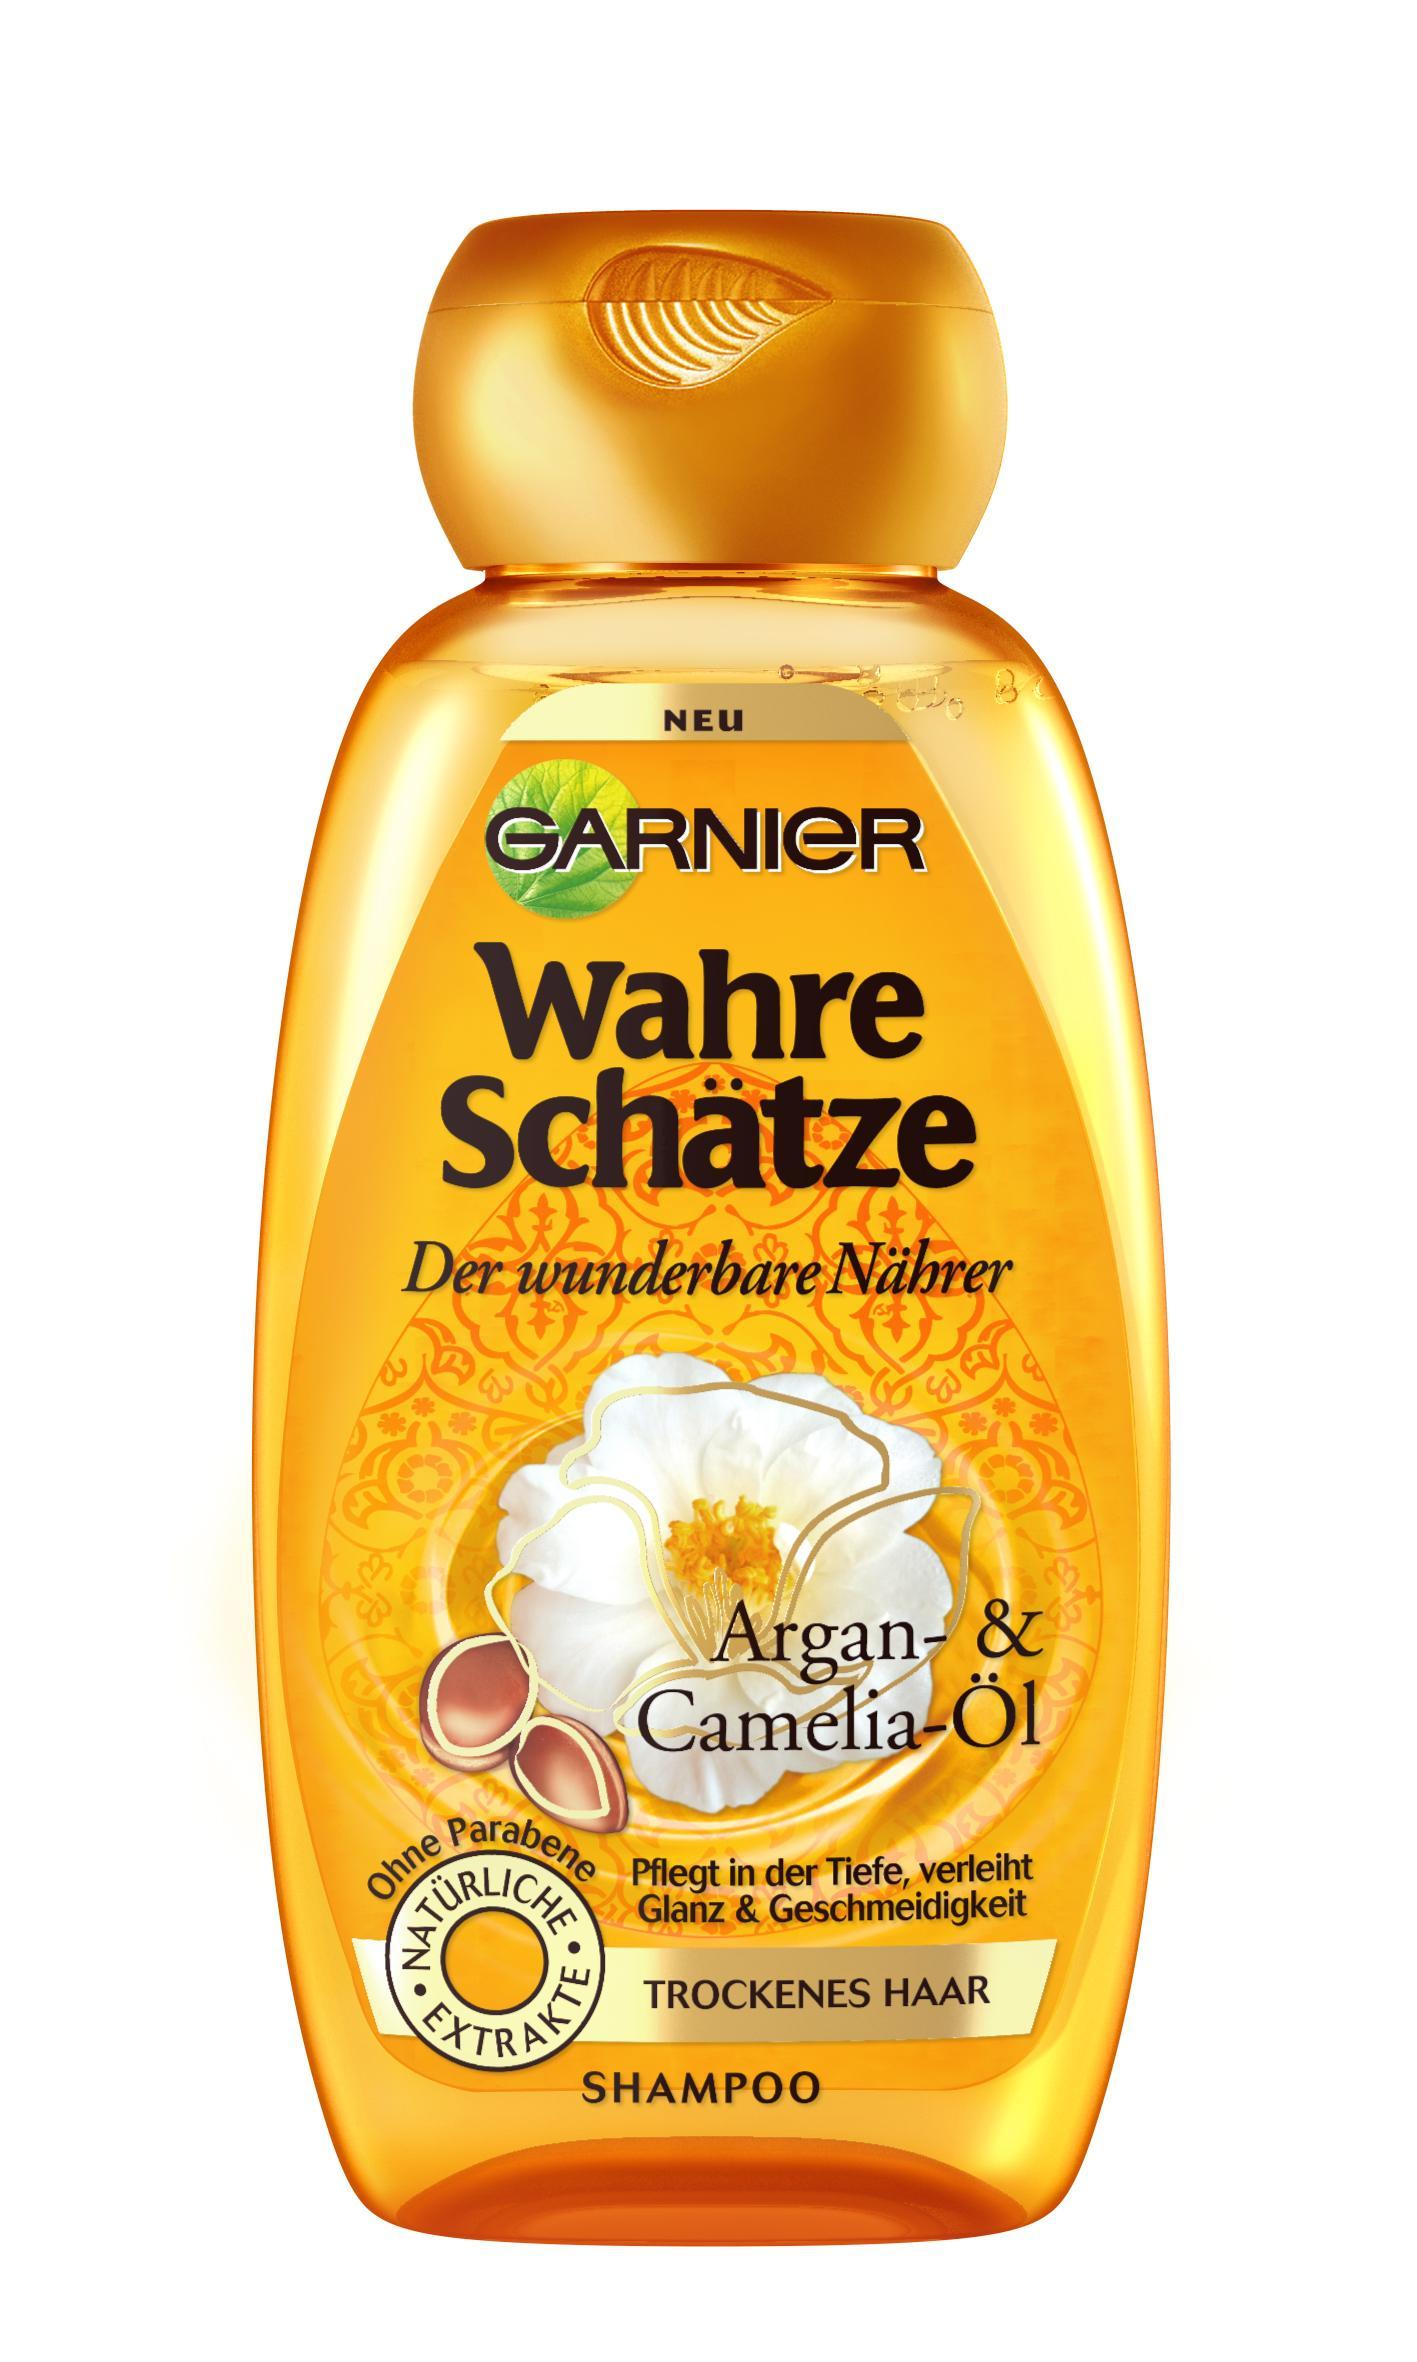 Garnier Wahre Schätze Shampoo Glanz Geschmeidigkeit 1er Pack 1 X 250 Ml